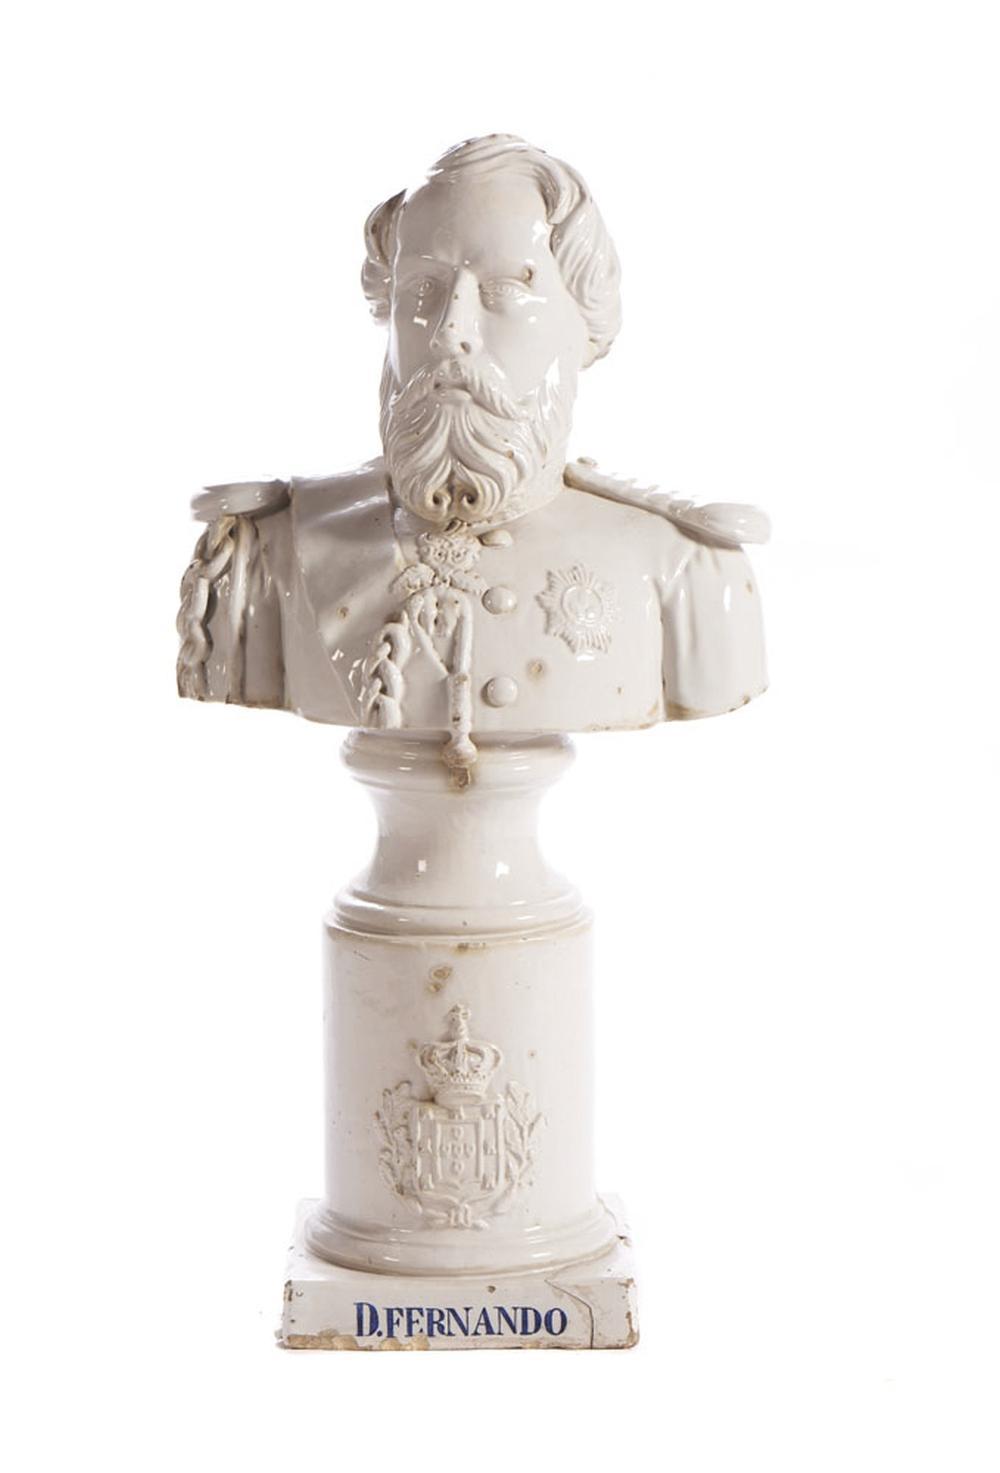 Busto de D. Fernando, Esc. em faiança portuguesa